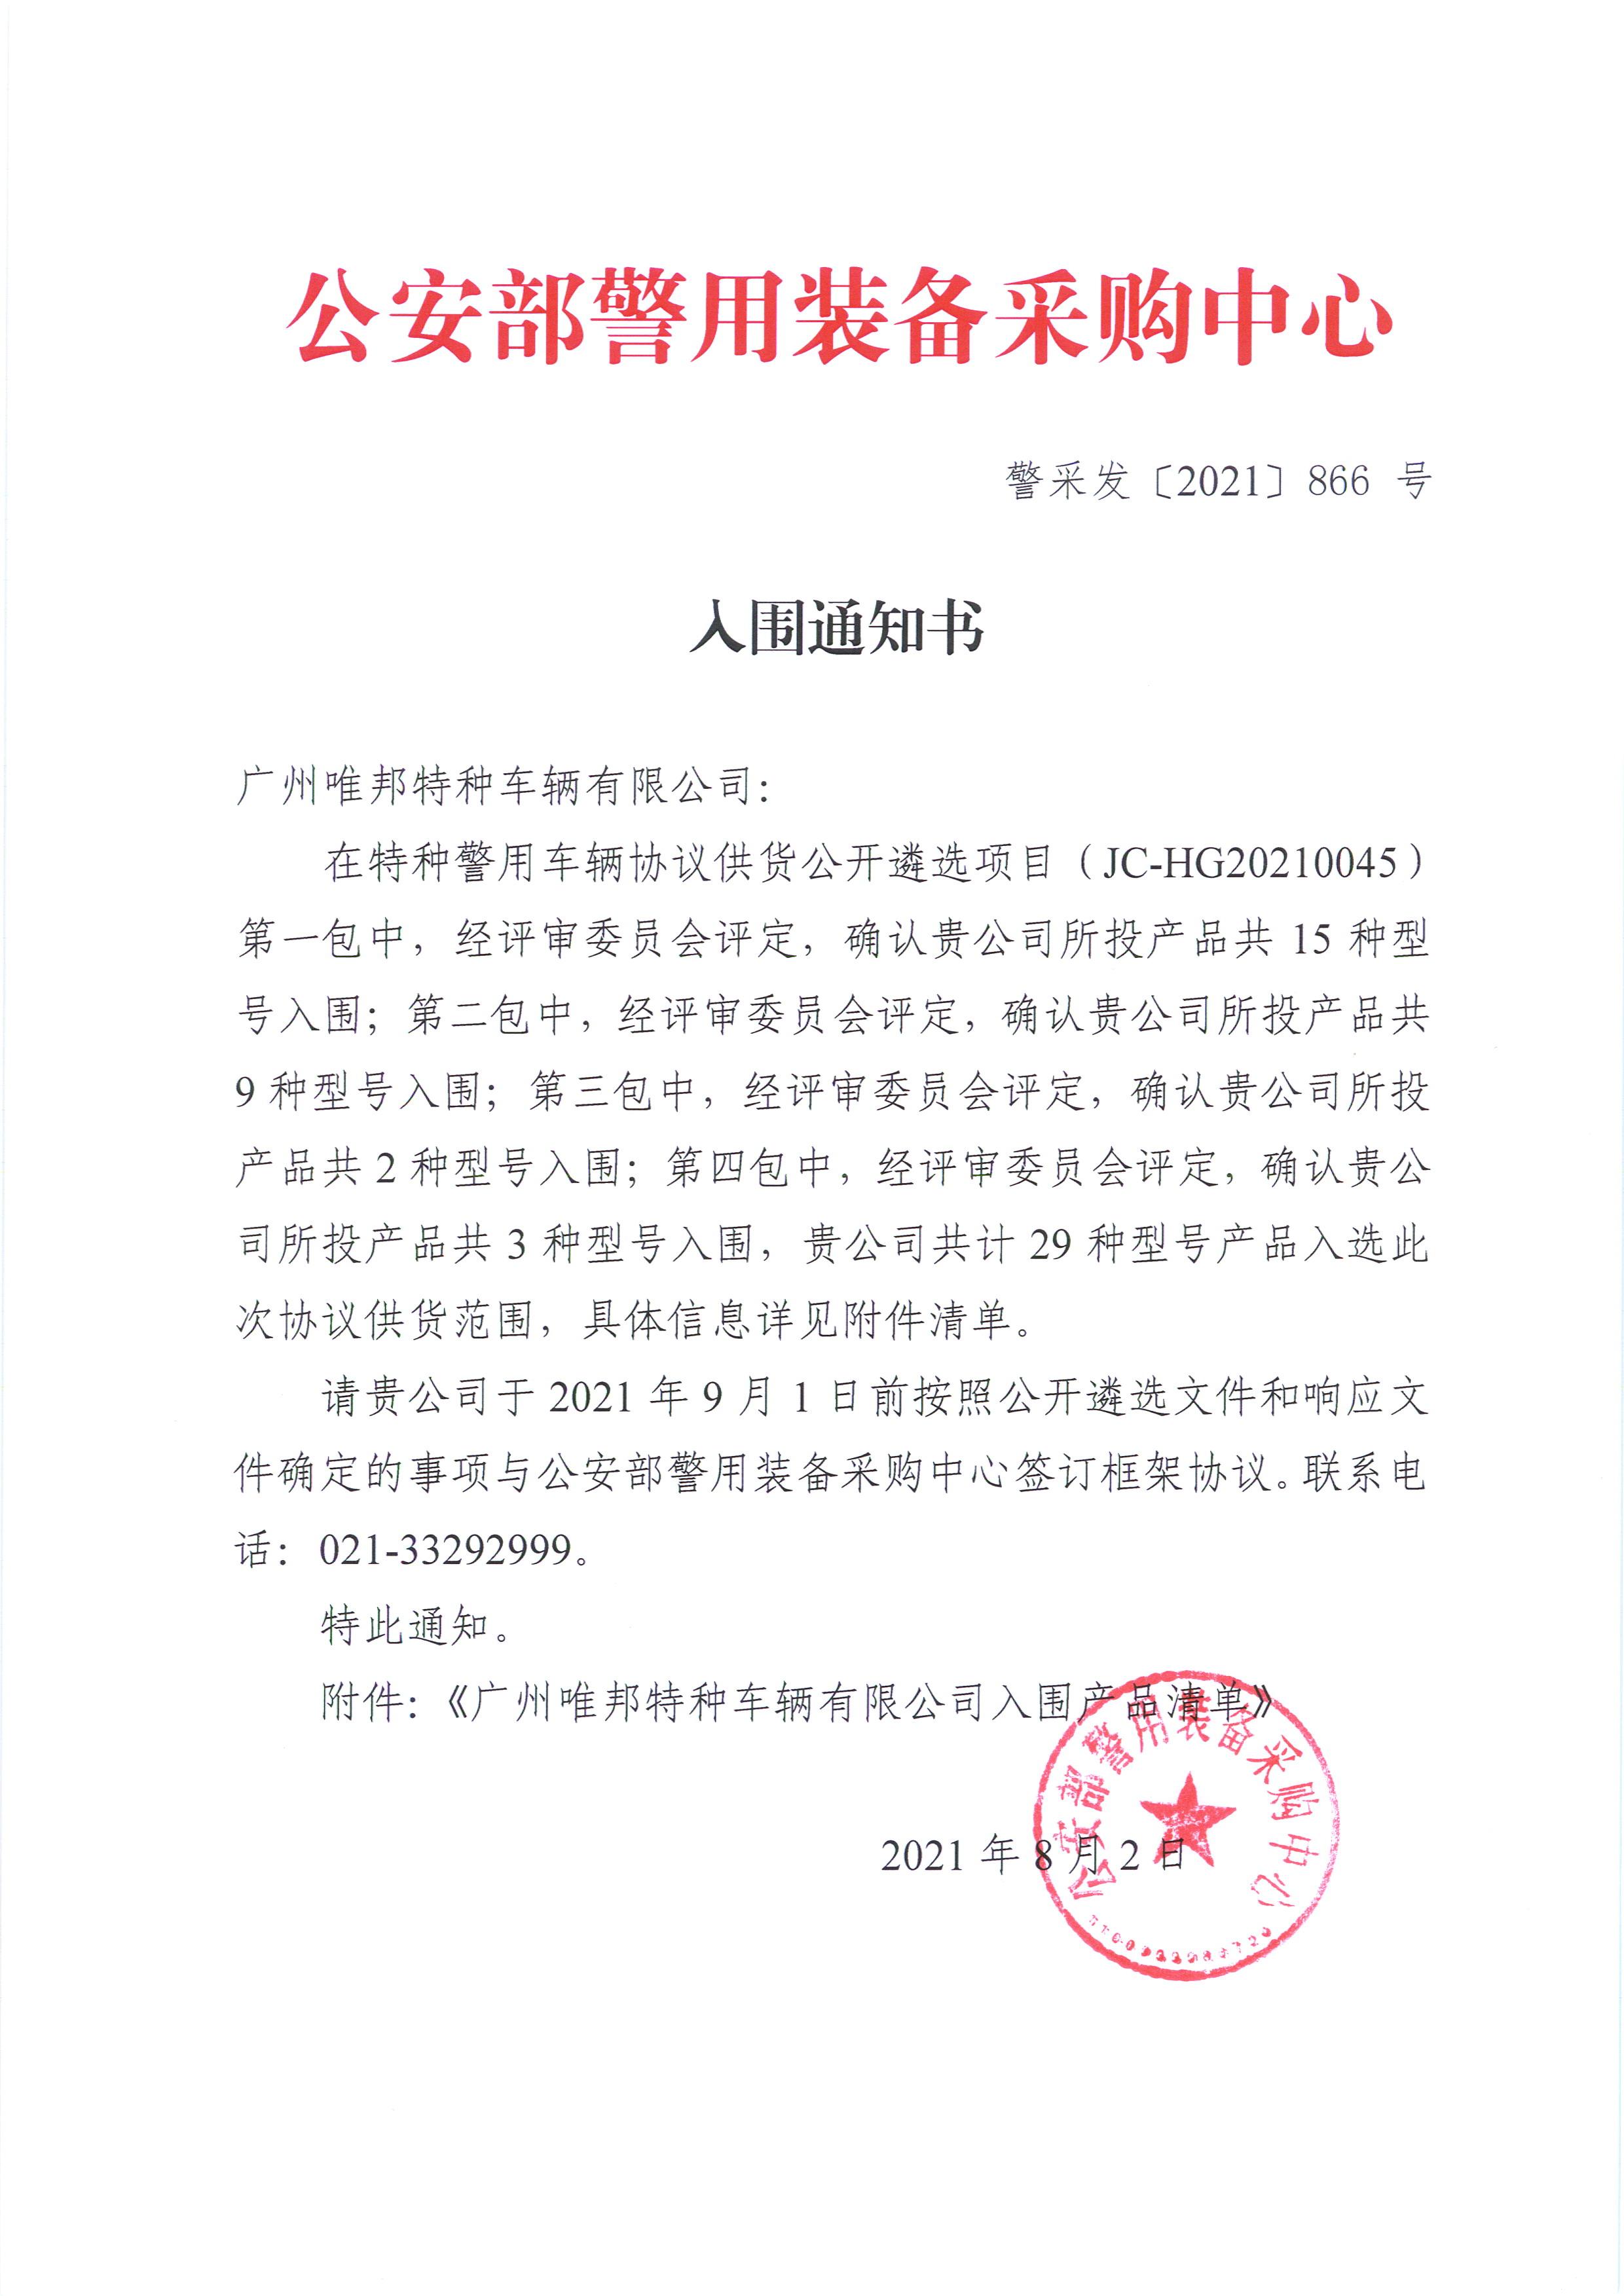 热烈祝贺广州唯邦特种车辆有限公司入围公安部012警采中心警用特种车辆协议供货商名录